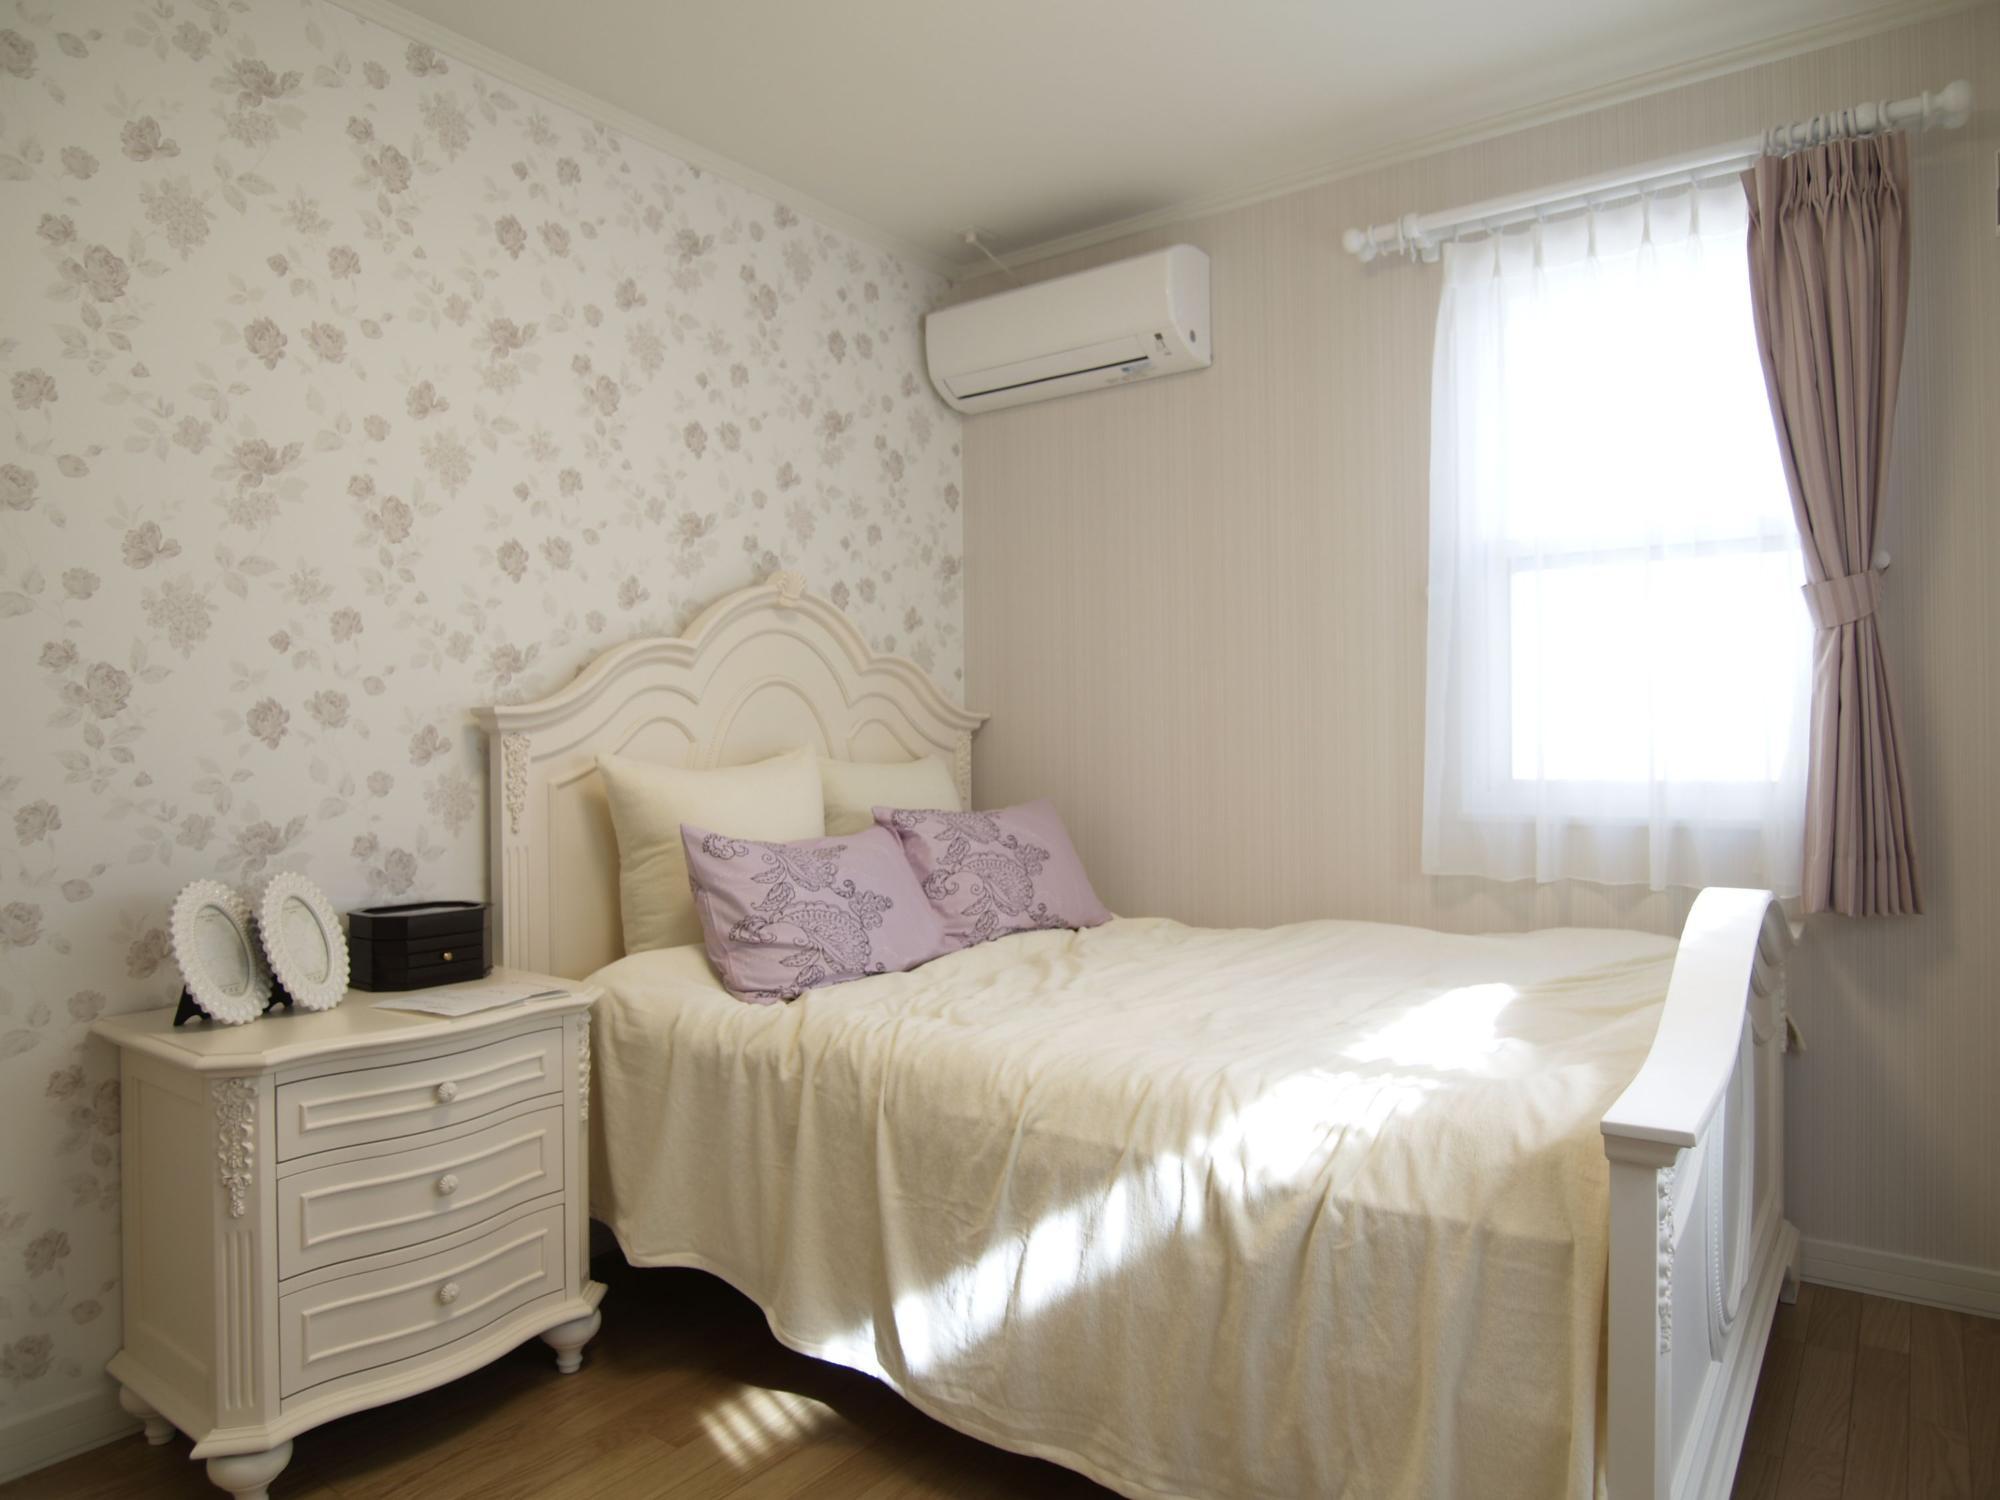 時を経て温もりを感じるプロヴァンススタイルの家(株式会社エクセレントホーム:インターデコハウス新潟)